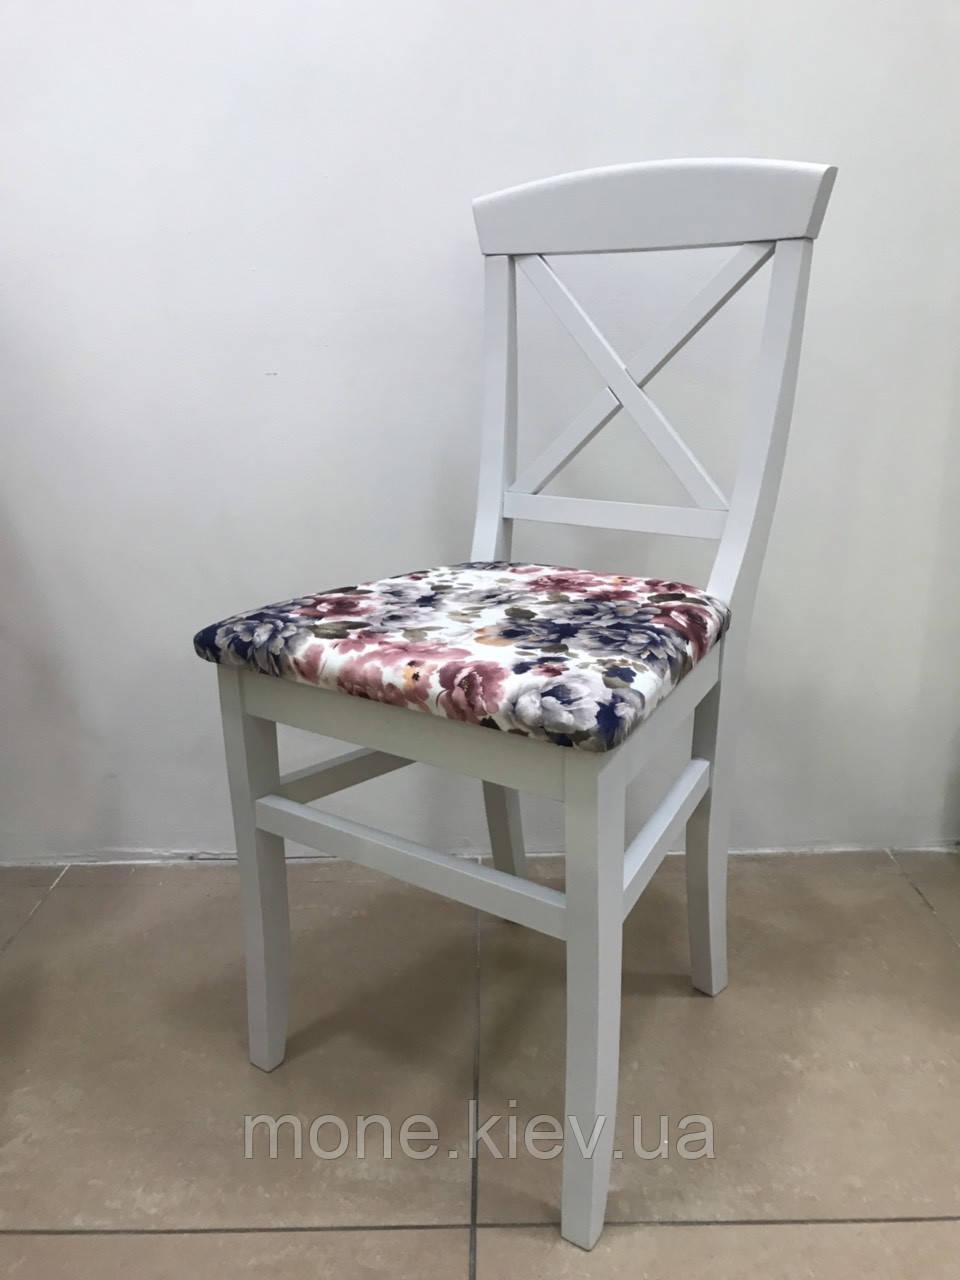 Дерев'яний стілець в стилі прованс (В НАЯВНОСТІ)